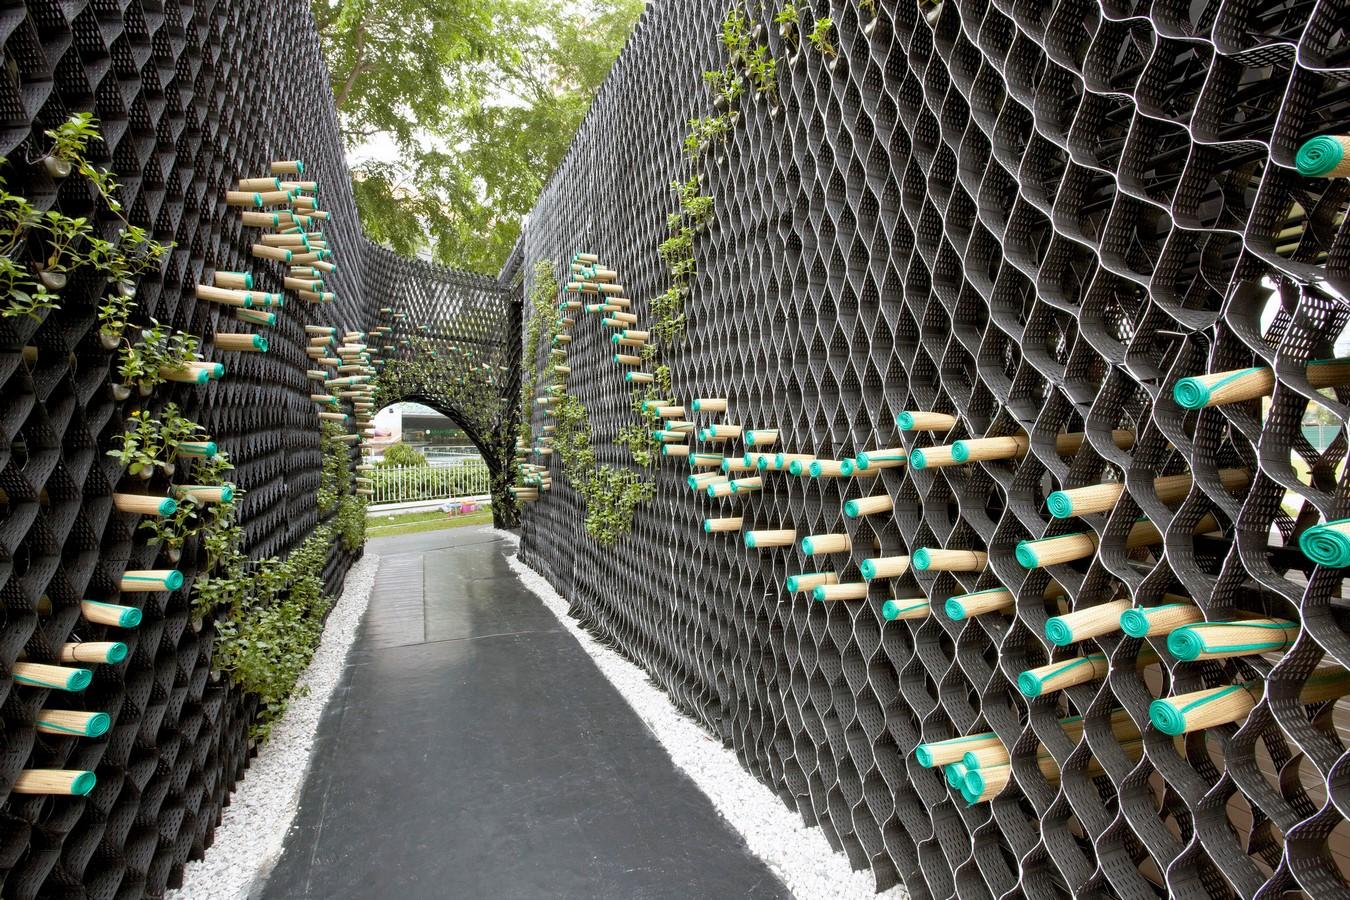 Archifest Zero Waste Pavilion in Singapore, WOW Architects - Sheet4